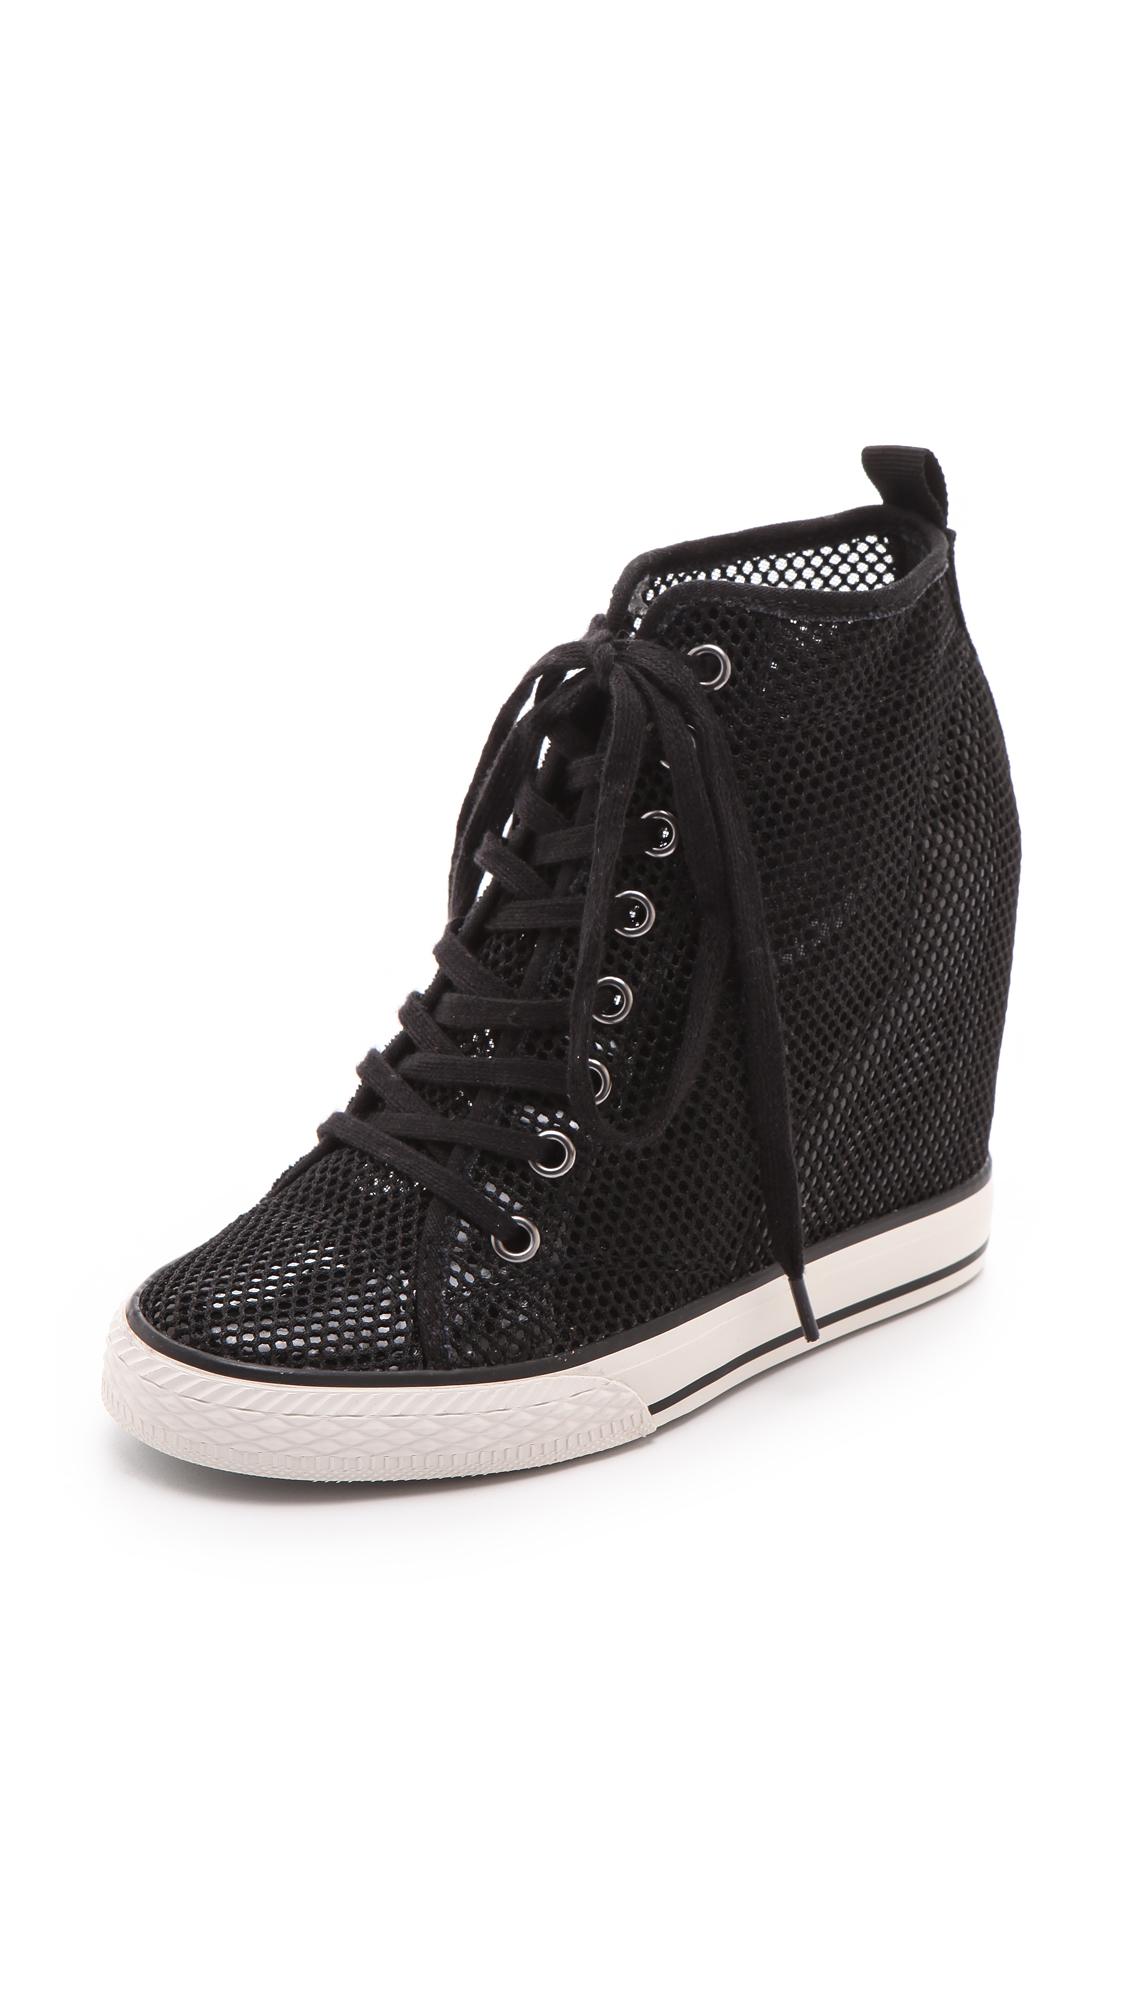 Lyst Dkny Grommet Wedge Sneakers In Black